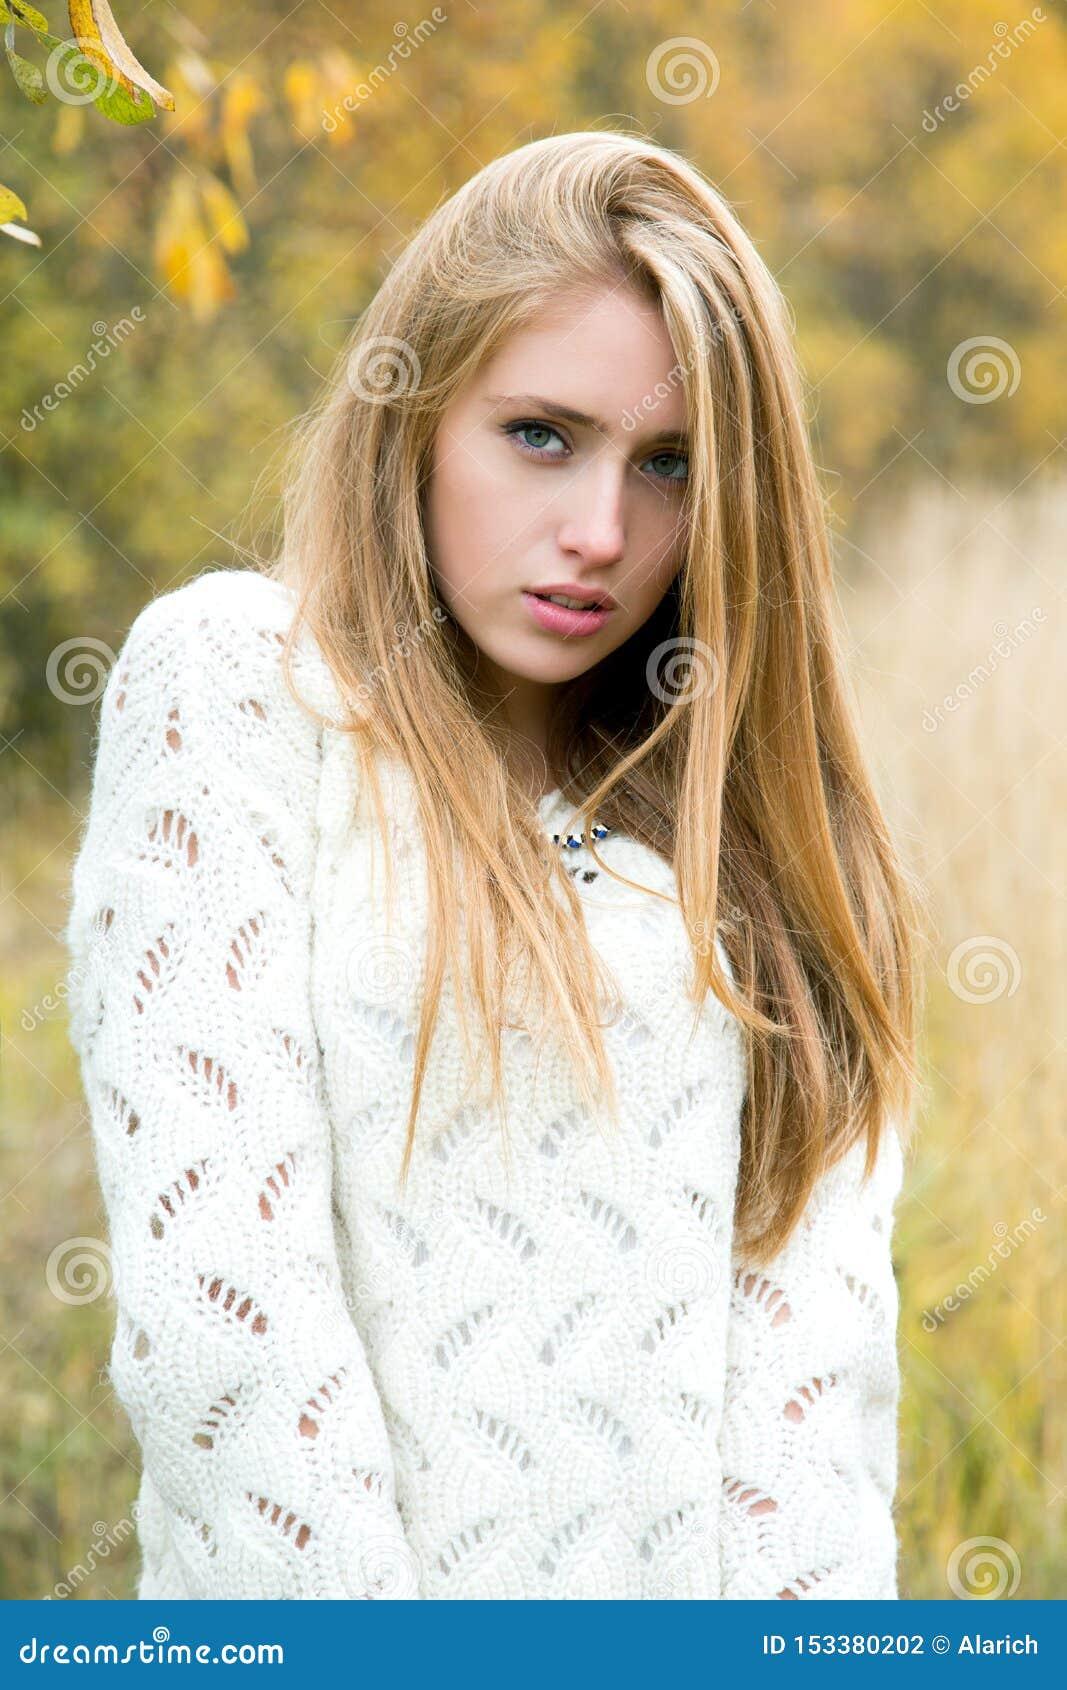 Girl among the high yellow grass